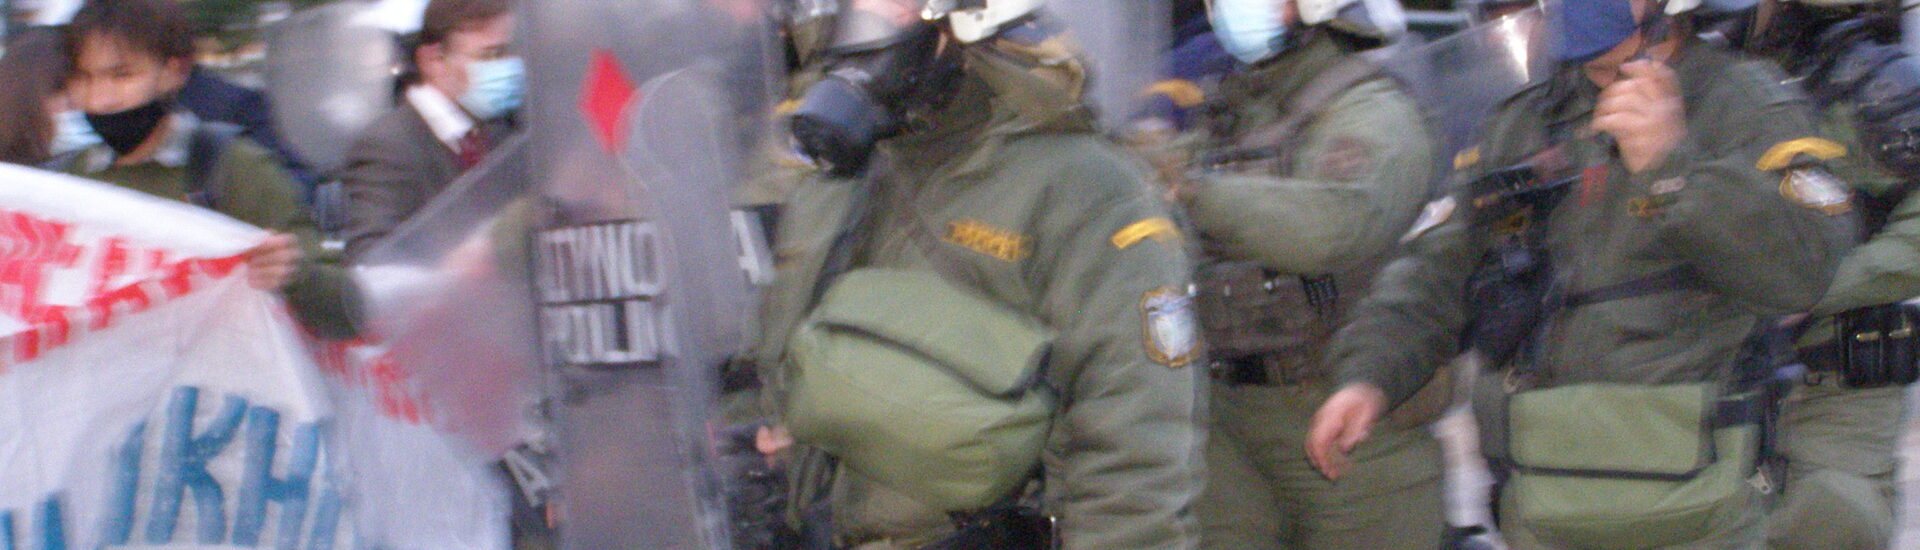 Αστυνομική βαρβαρότητα κατά διαδηλωτών την ώρα που δολοφονούν τον Δημήτρη Κουφοντίνα